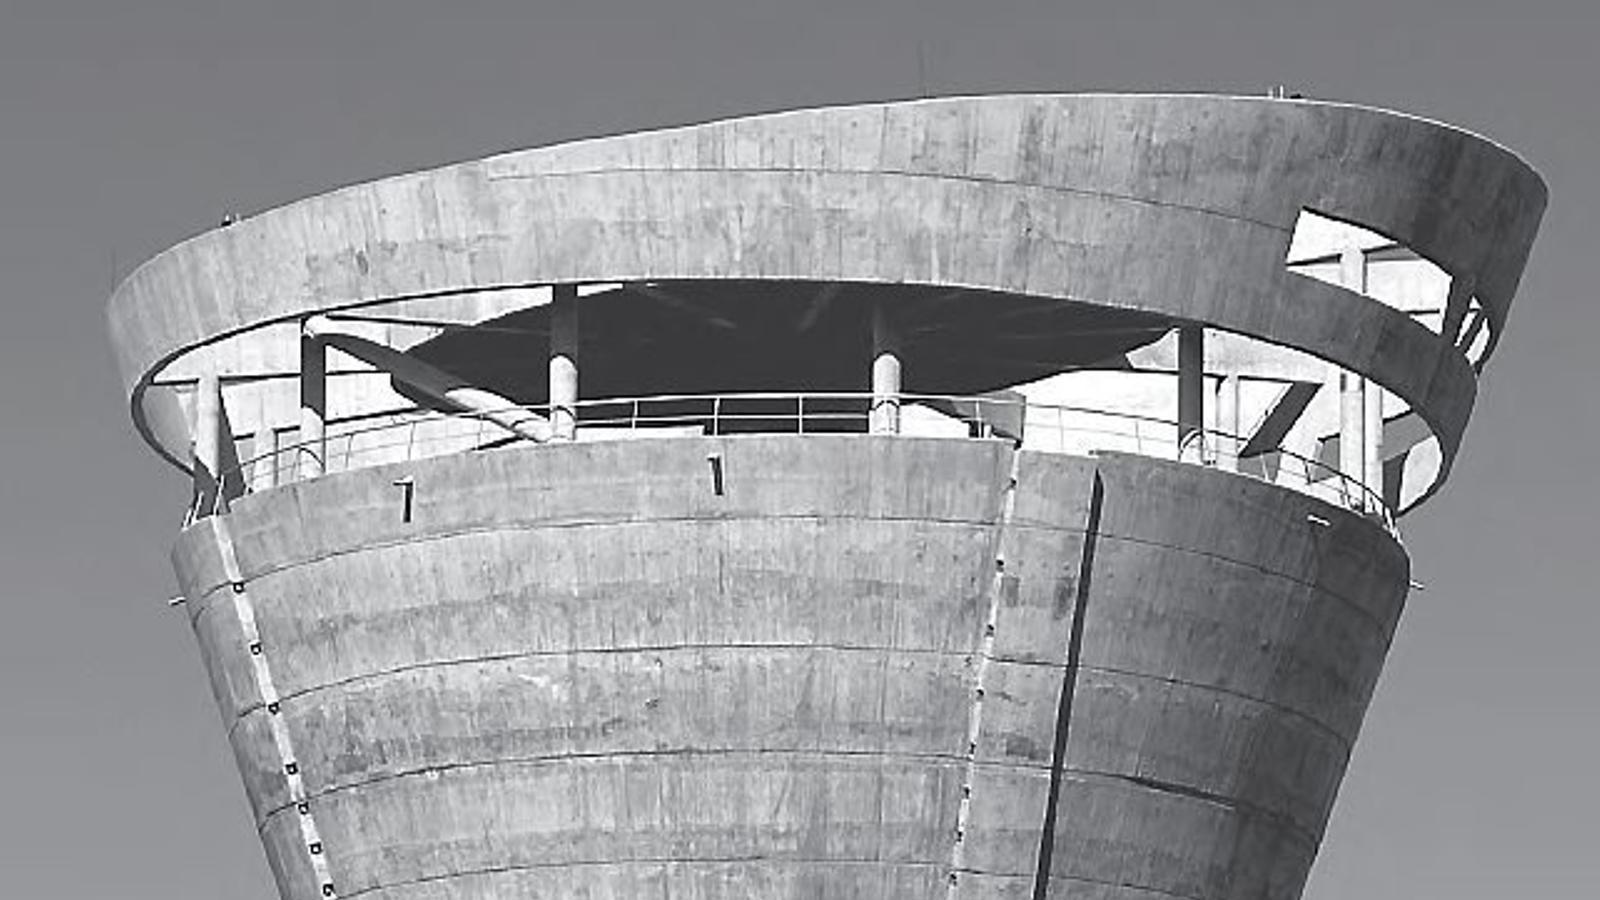 Arquitectura Brutalista L Estranya Bellesa Del Formig